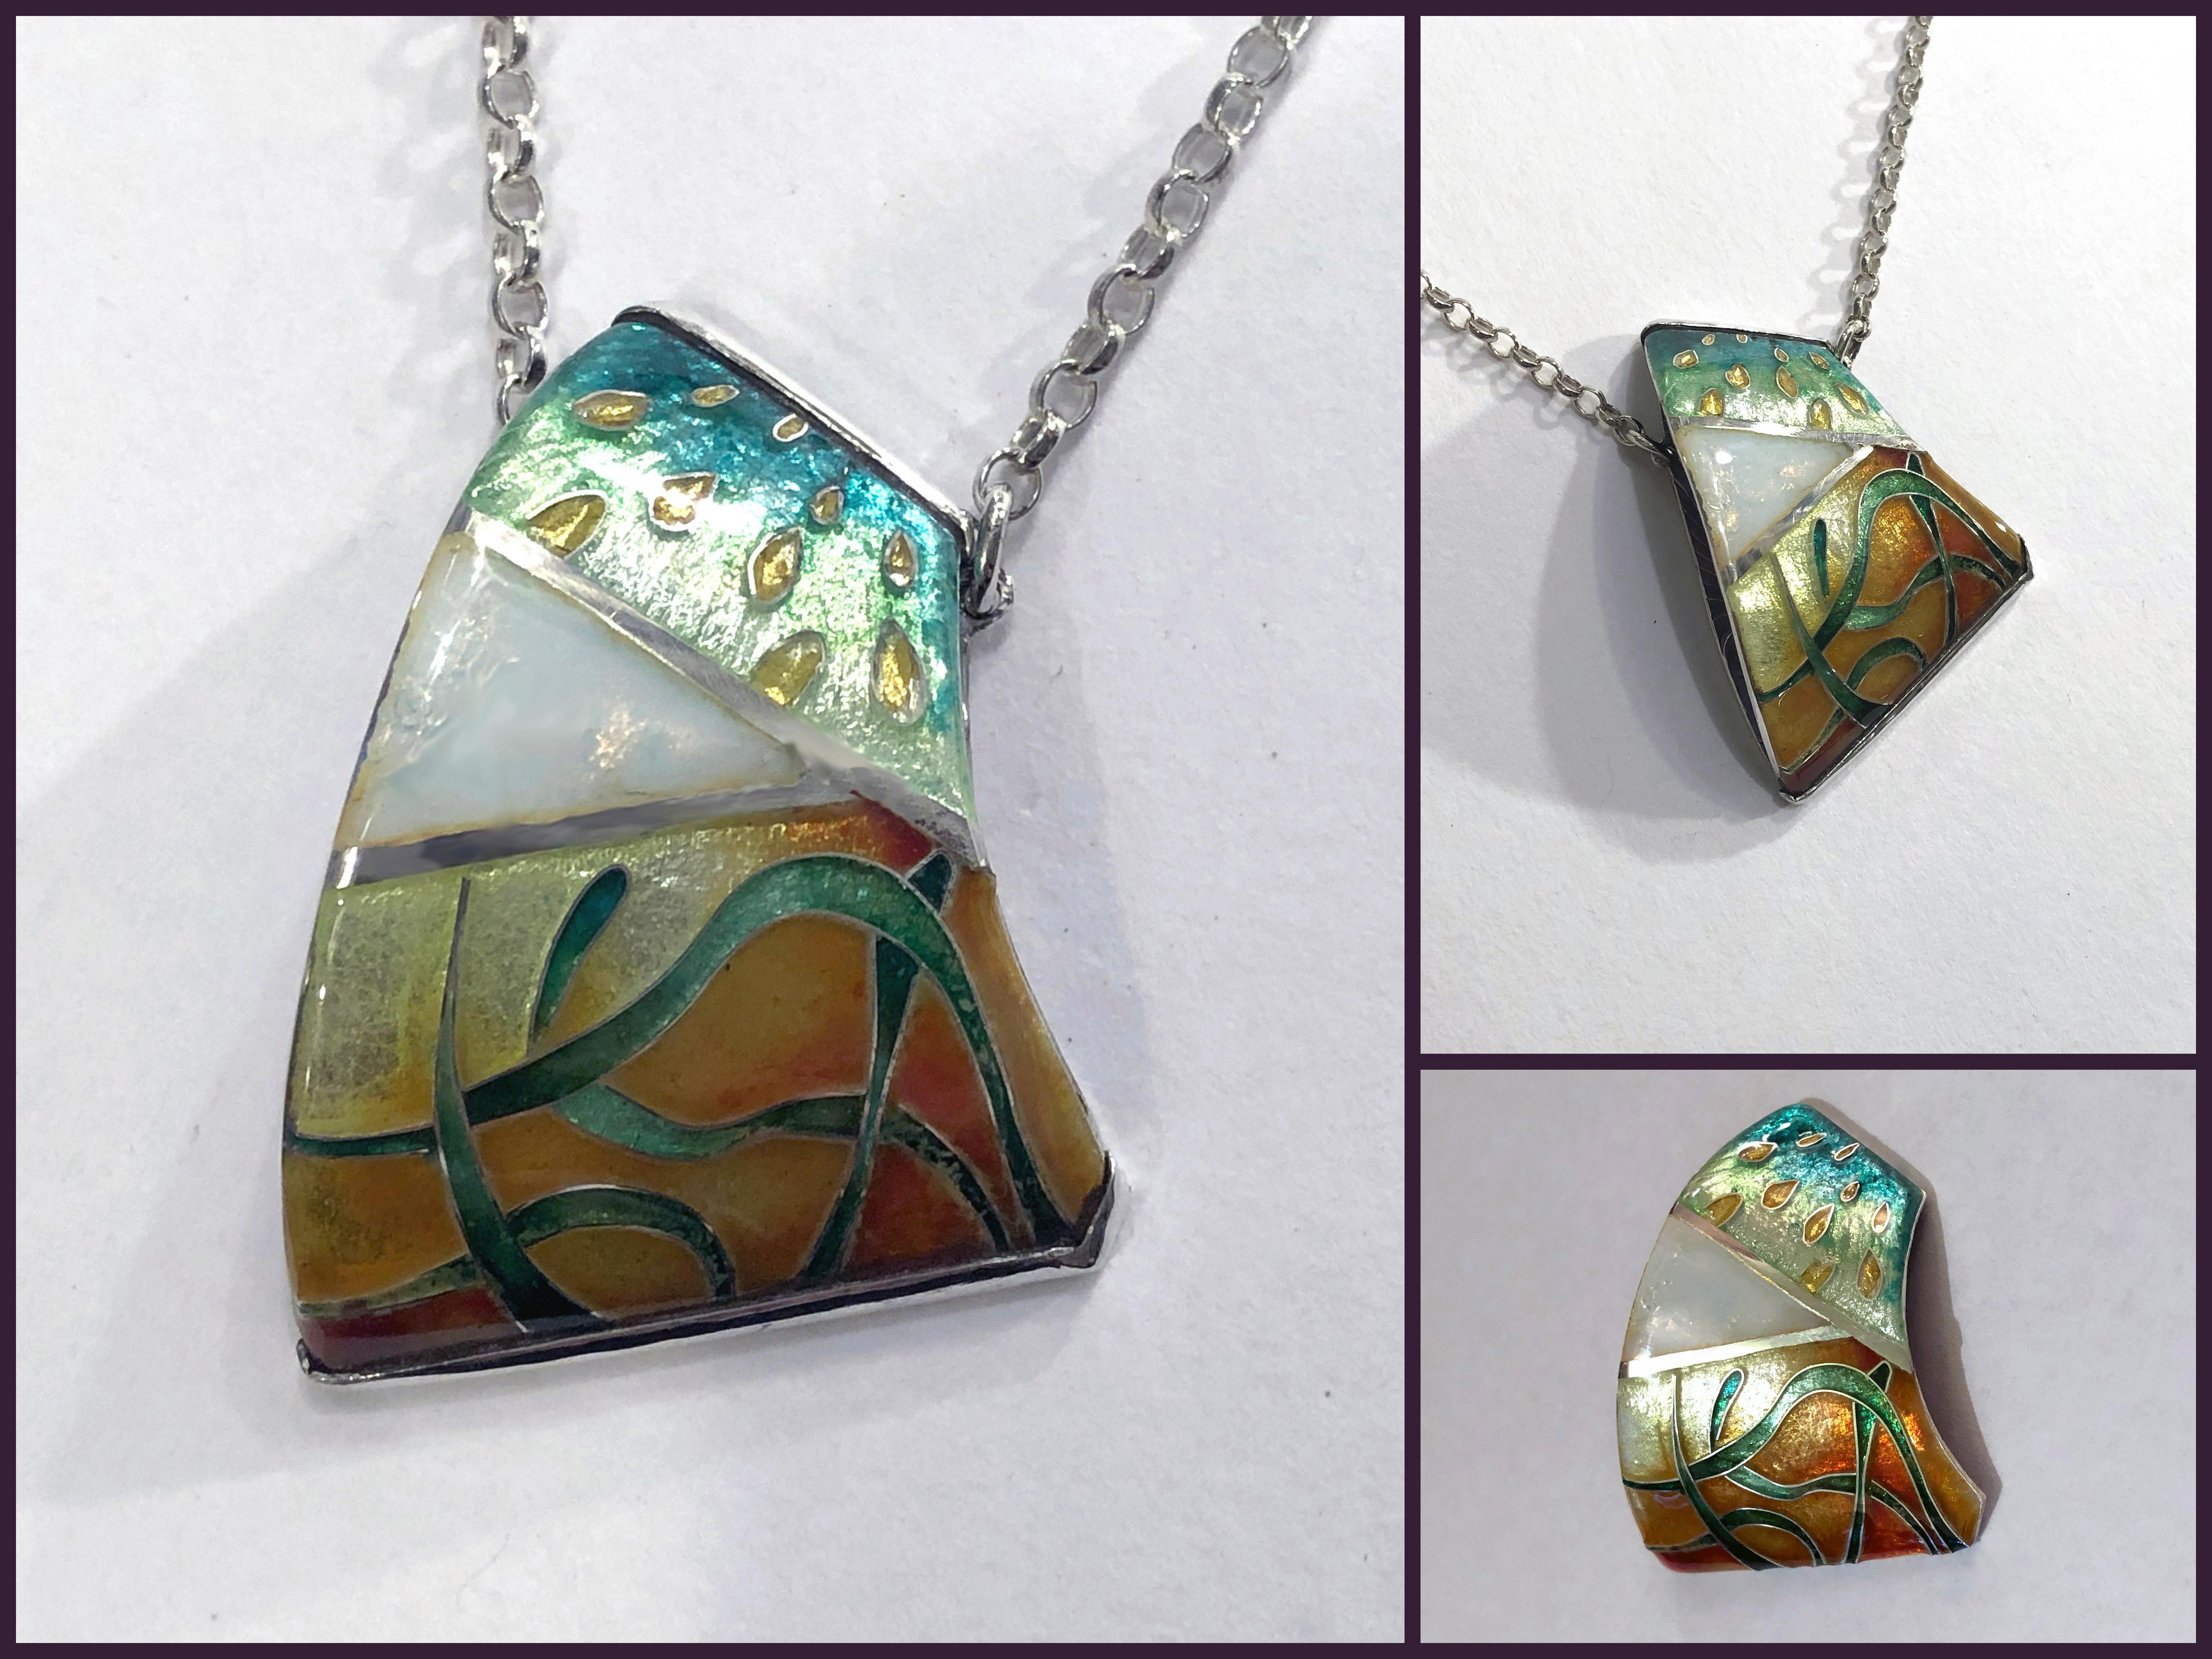 spring rain – cloisonné necklace